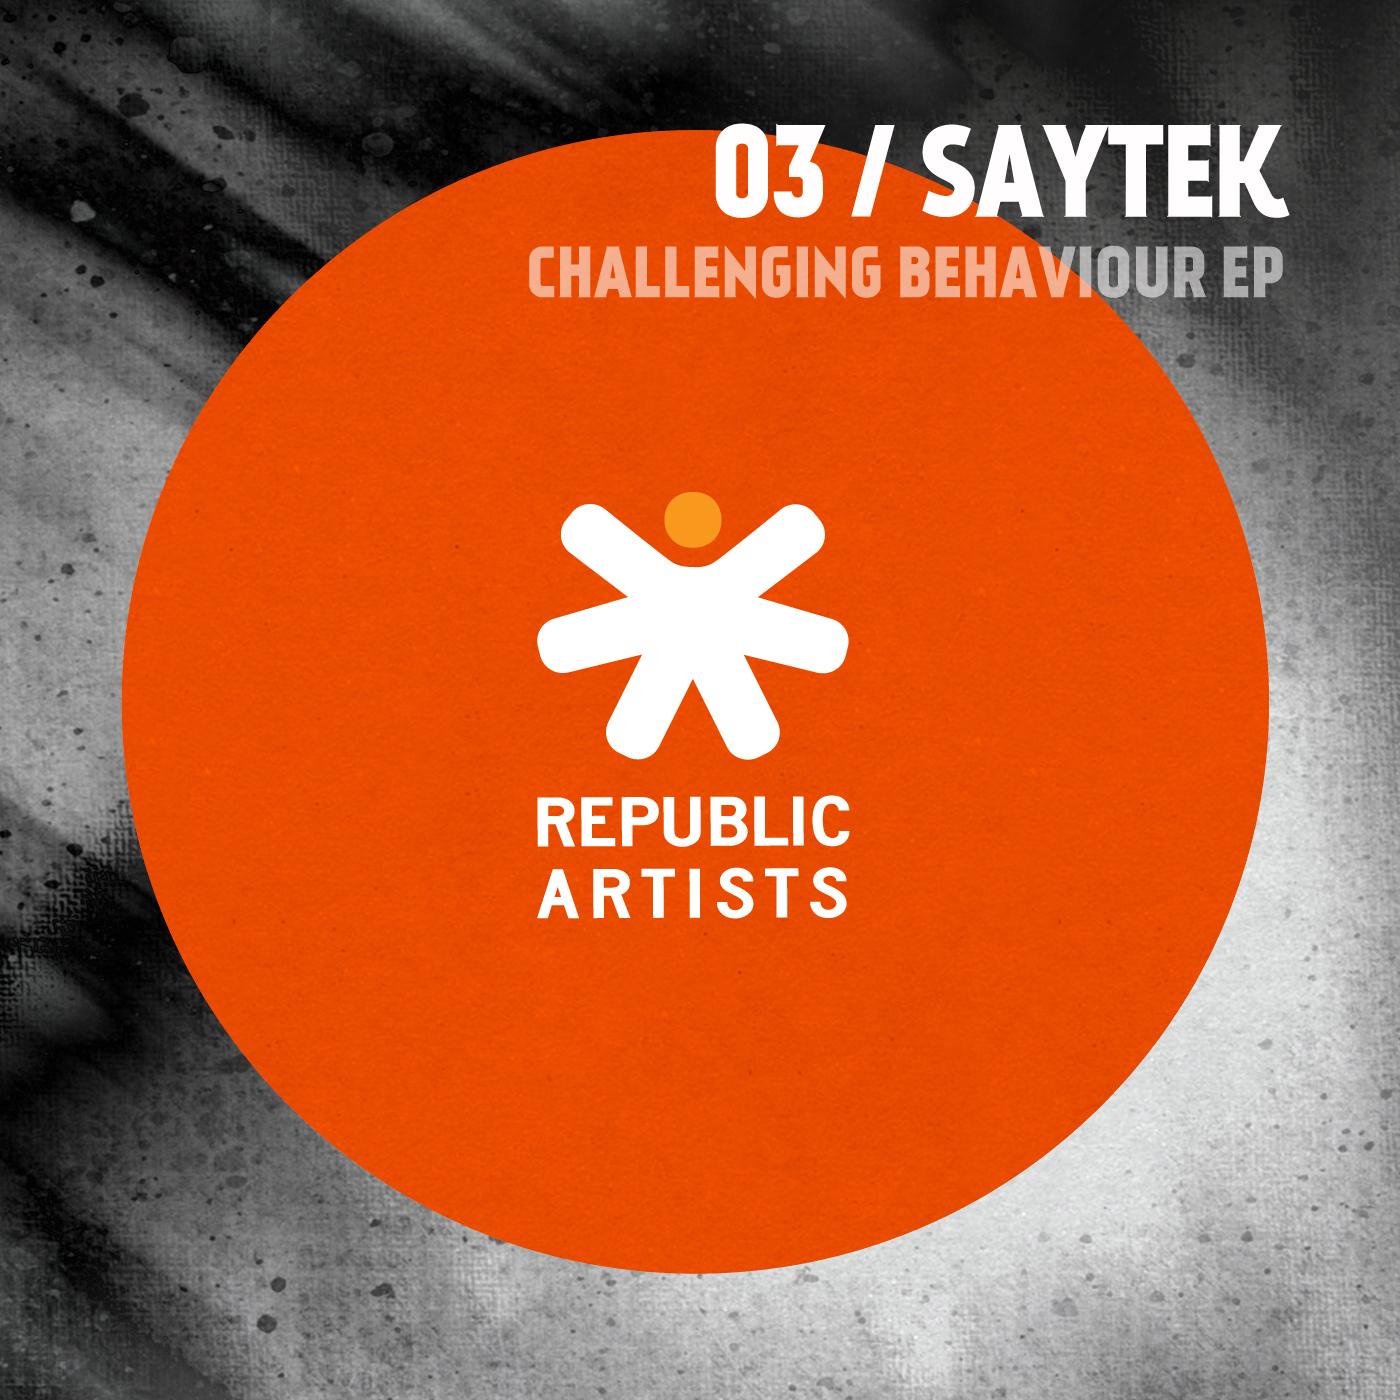 Saytek-Challenging Behaviour EP